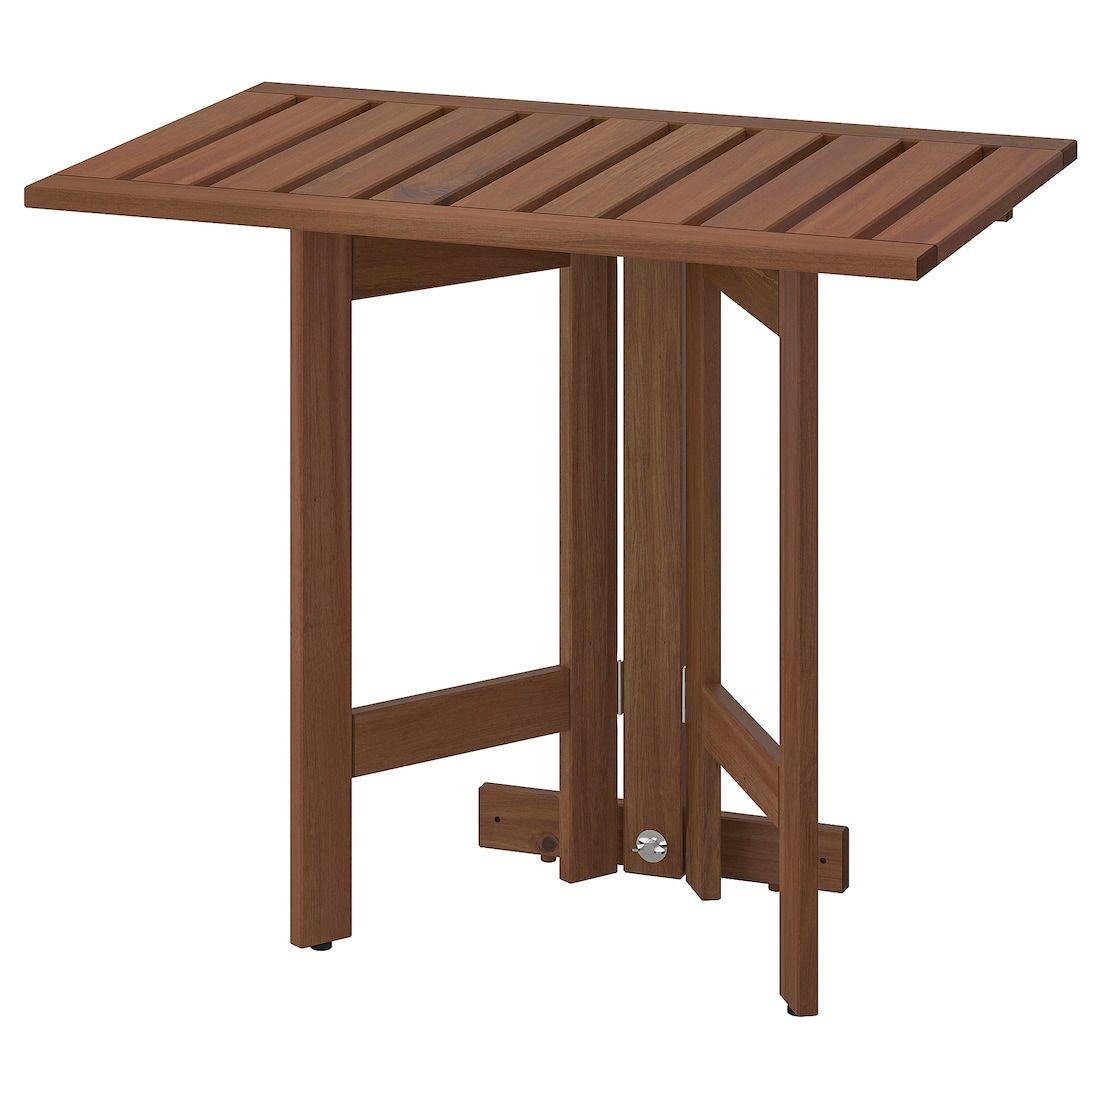 Ikea Tavoli Da Giardino Allungabili.Applaro Tavolo A Ribalta Parete Da Esterno Mordente Marrone